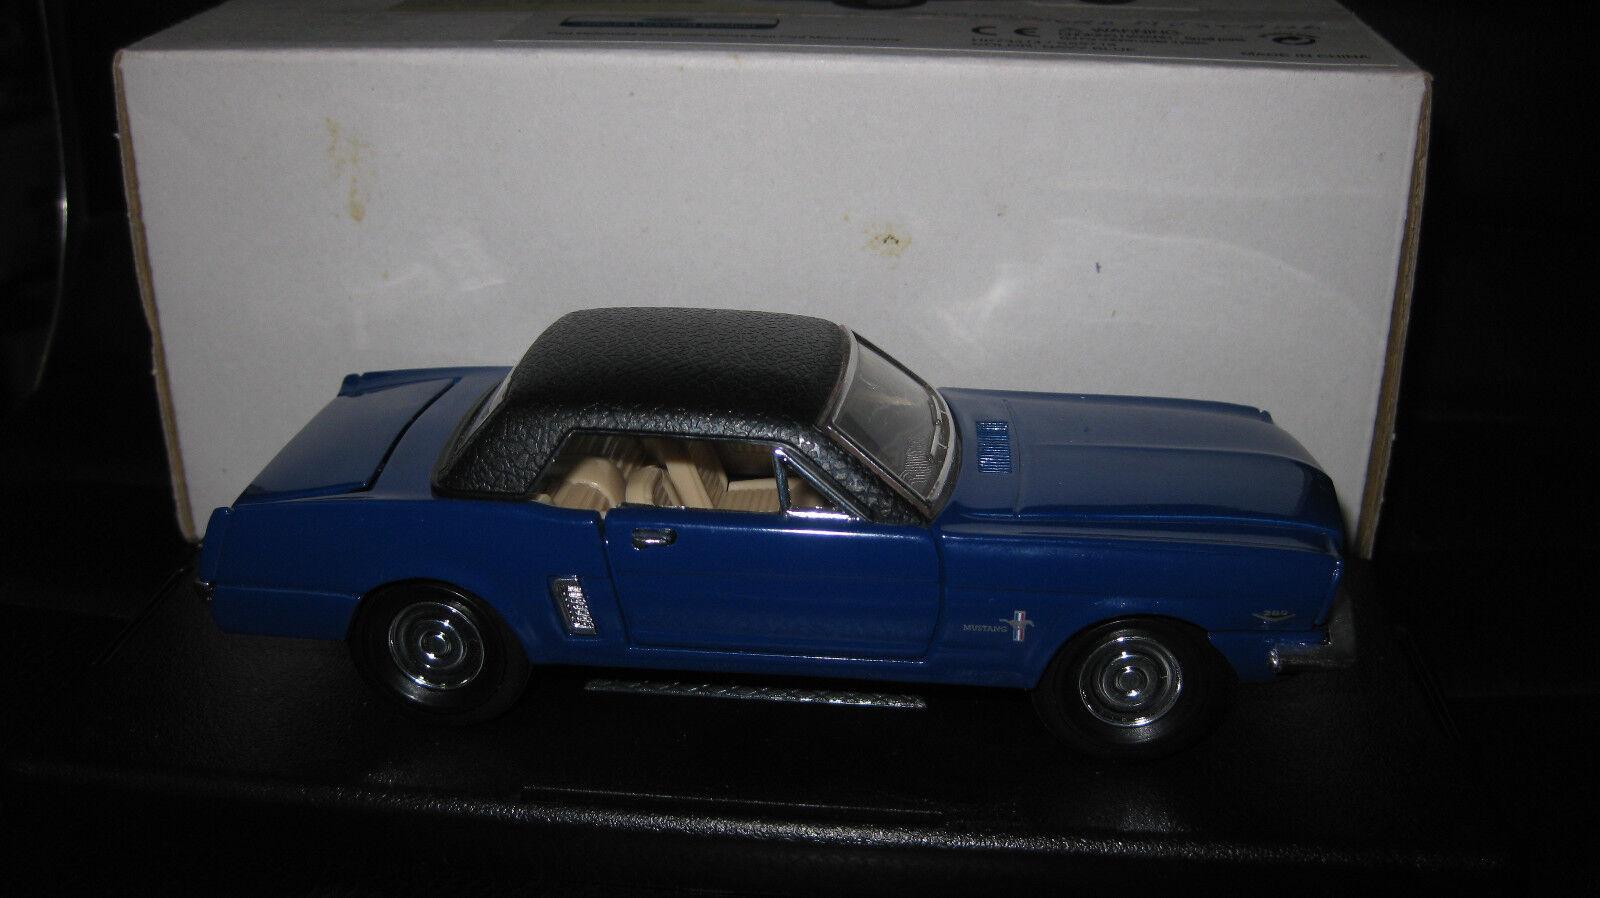 1.34   1965 FORD MUSTANG CONgreenIBLE CONgreenIBLE CONgreenIBLE NAVY  blueE  ROOF UP b55fd5